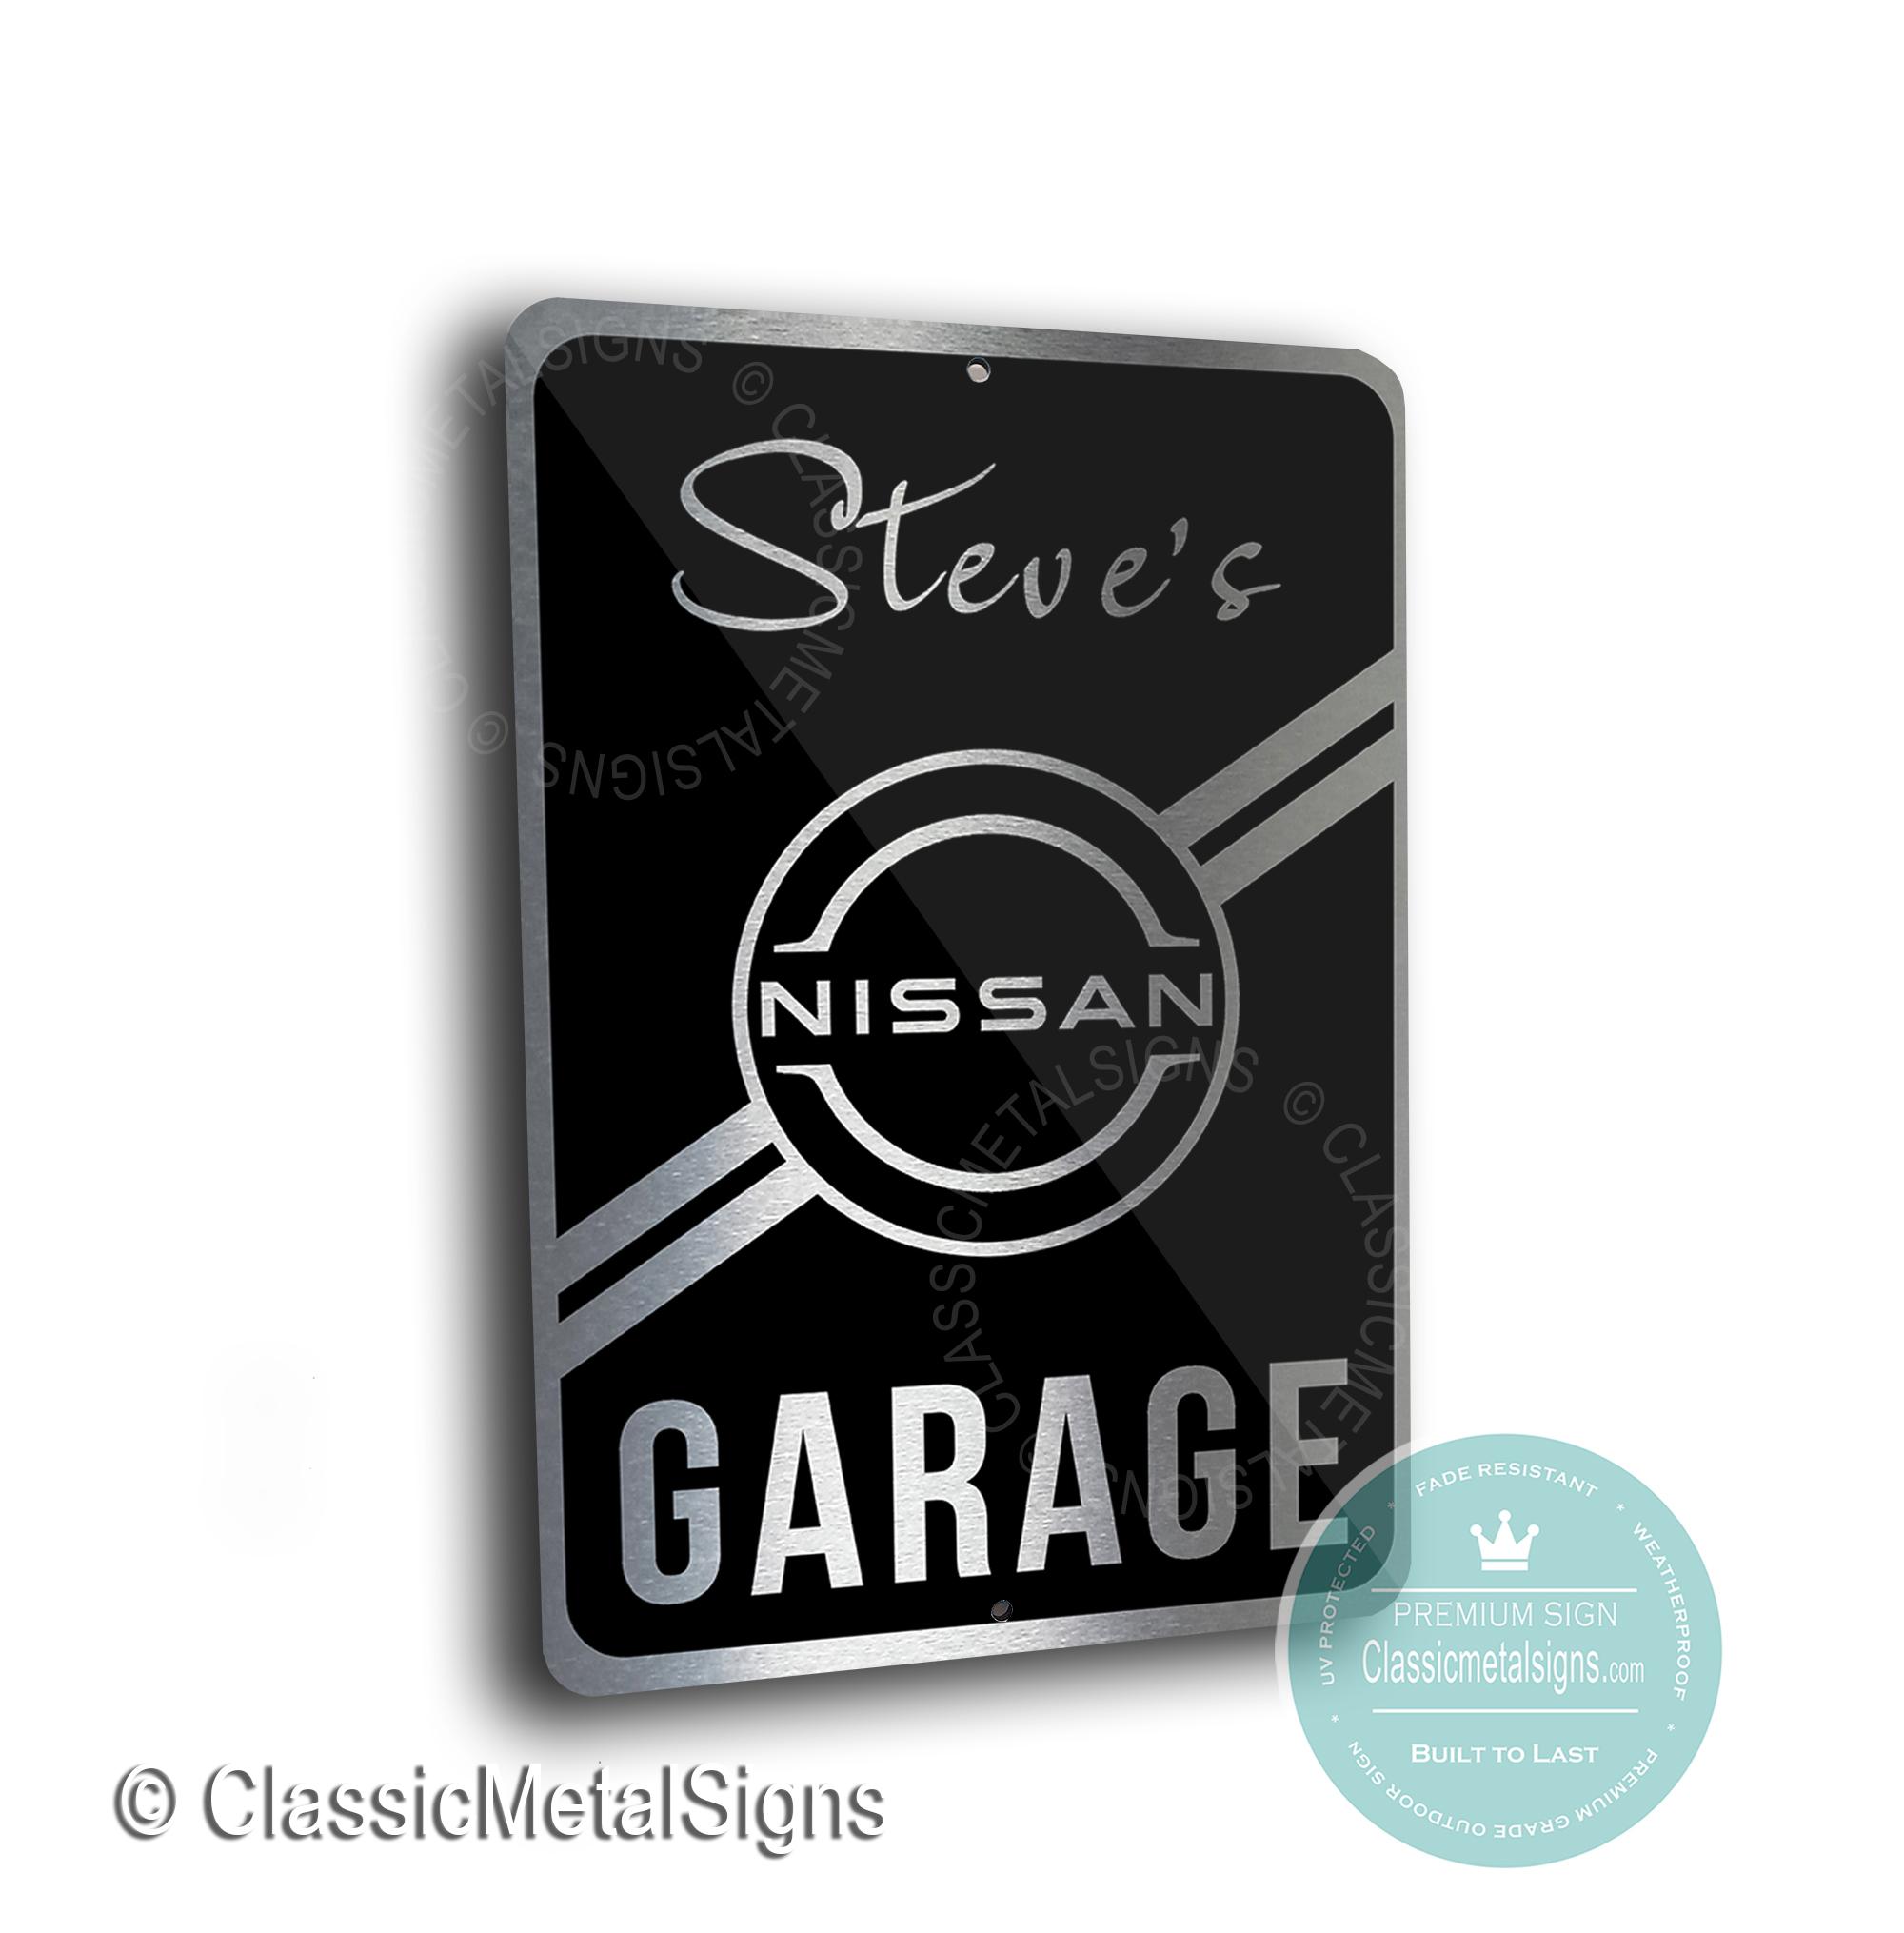 Nissan Garage Signs